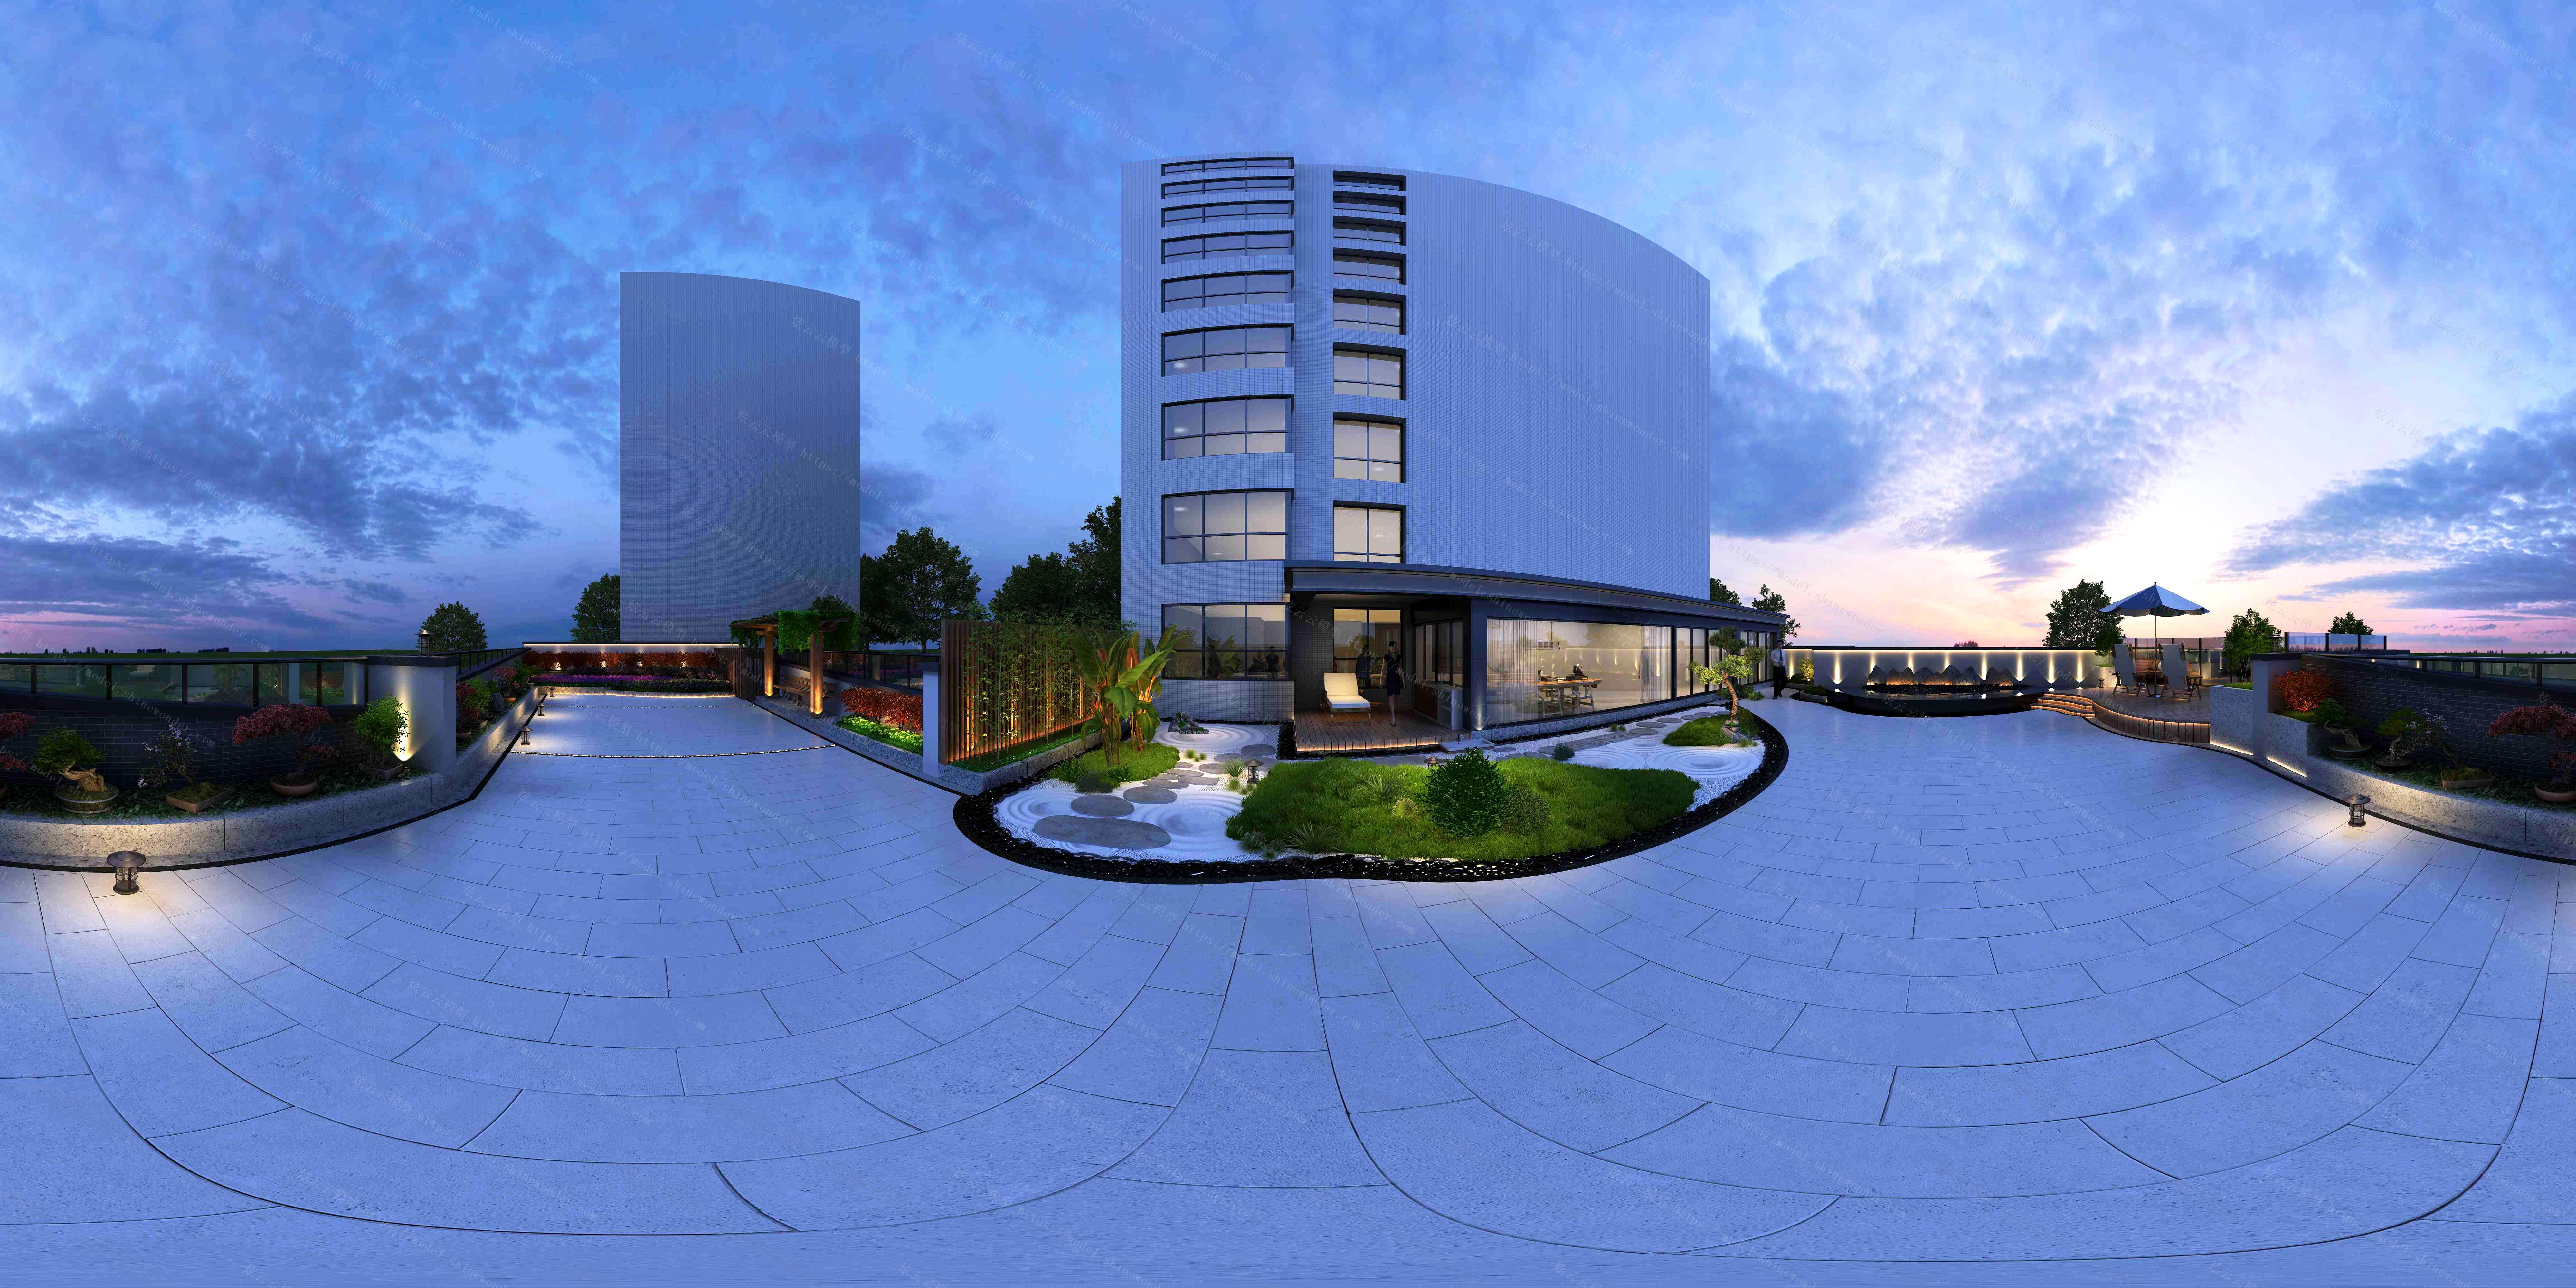 露台庭院全景模型